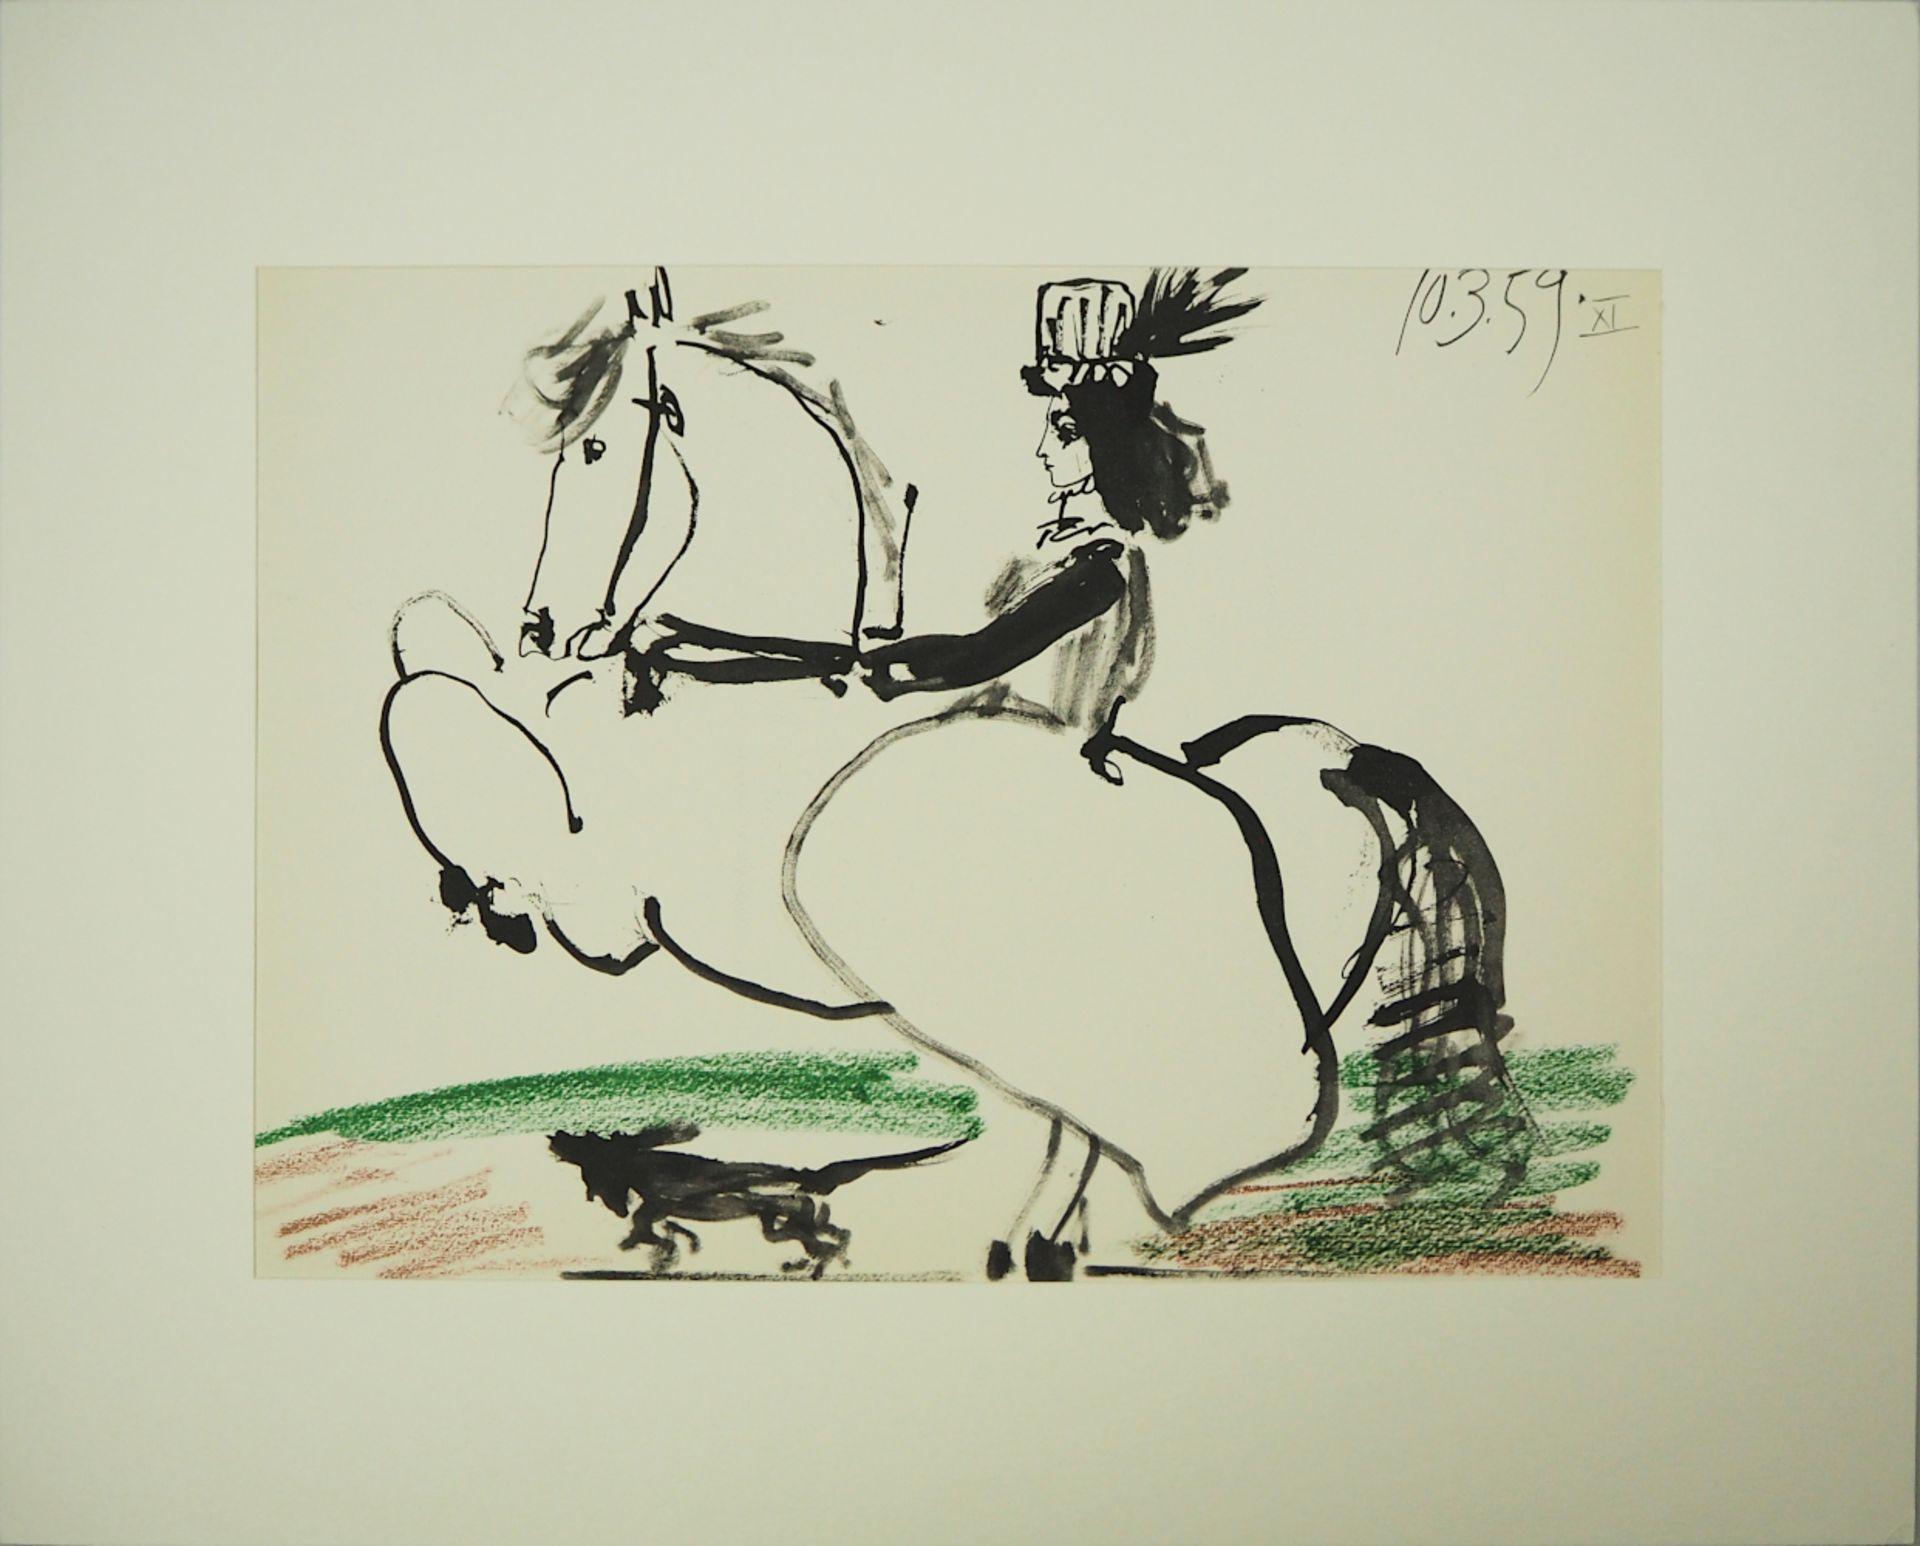 """1 Farboffsetlithographie """"Jacqueline en tenue de chasse"""" rücks. zugeschrieben Pablo PICASSO"""